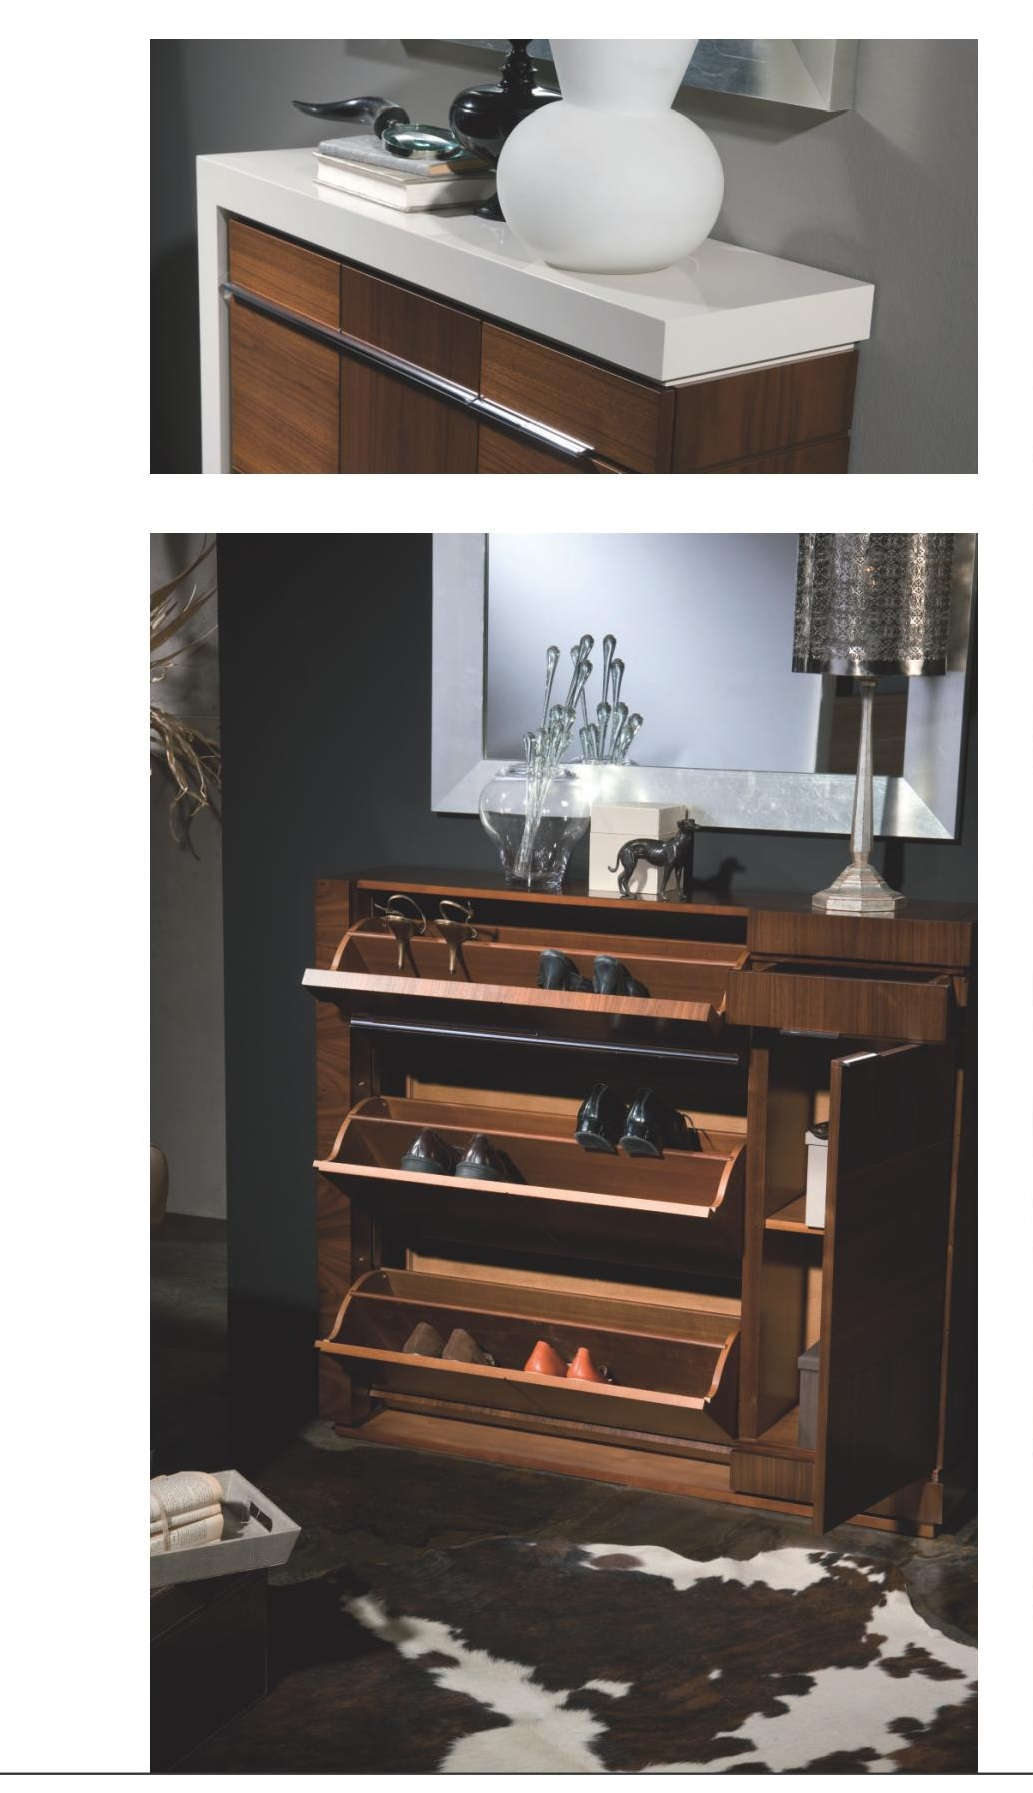 Mueble recibidor zapatero clasico moderno lacado muebles for Mueble recibidor